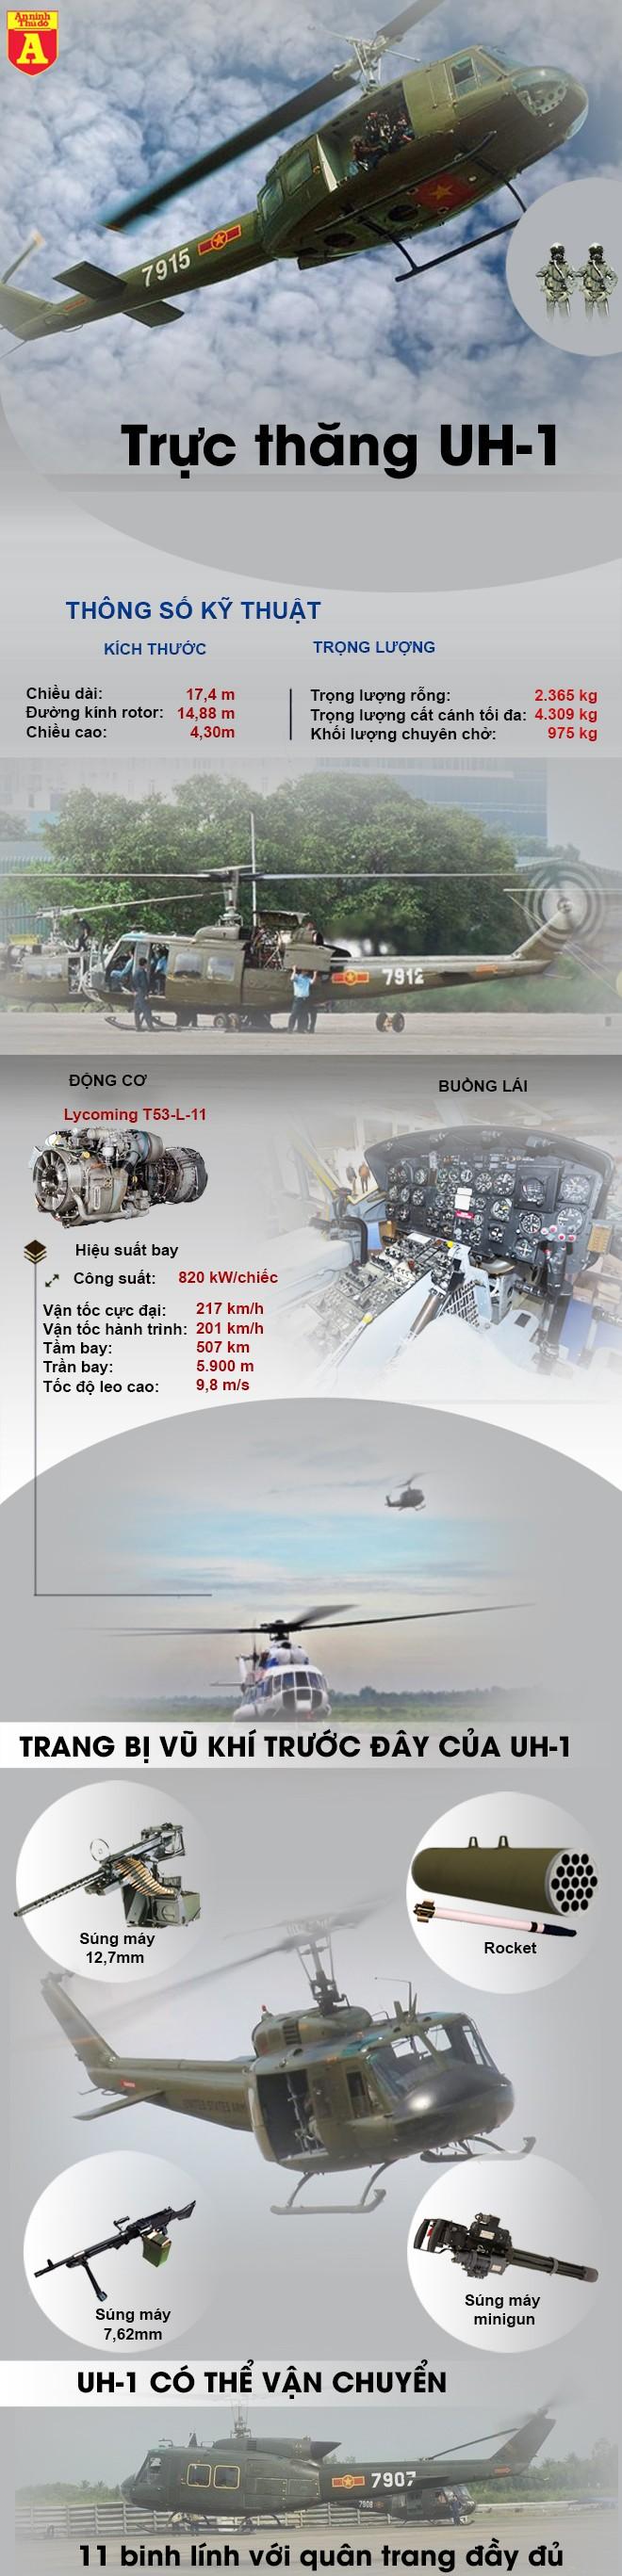 [Infographic] Trực thăng Mỹ trong biên chế không quân nhân dân Việt Nam ảnh 2